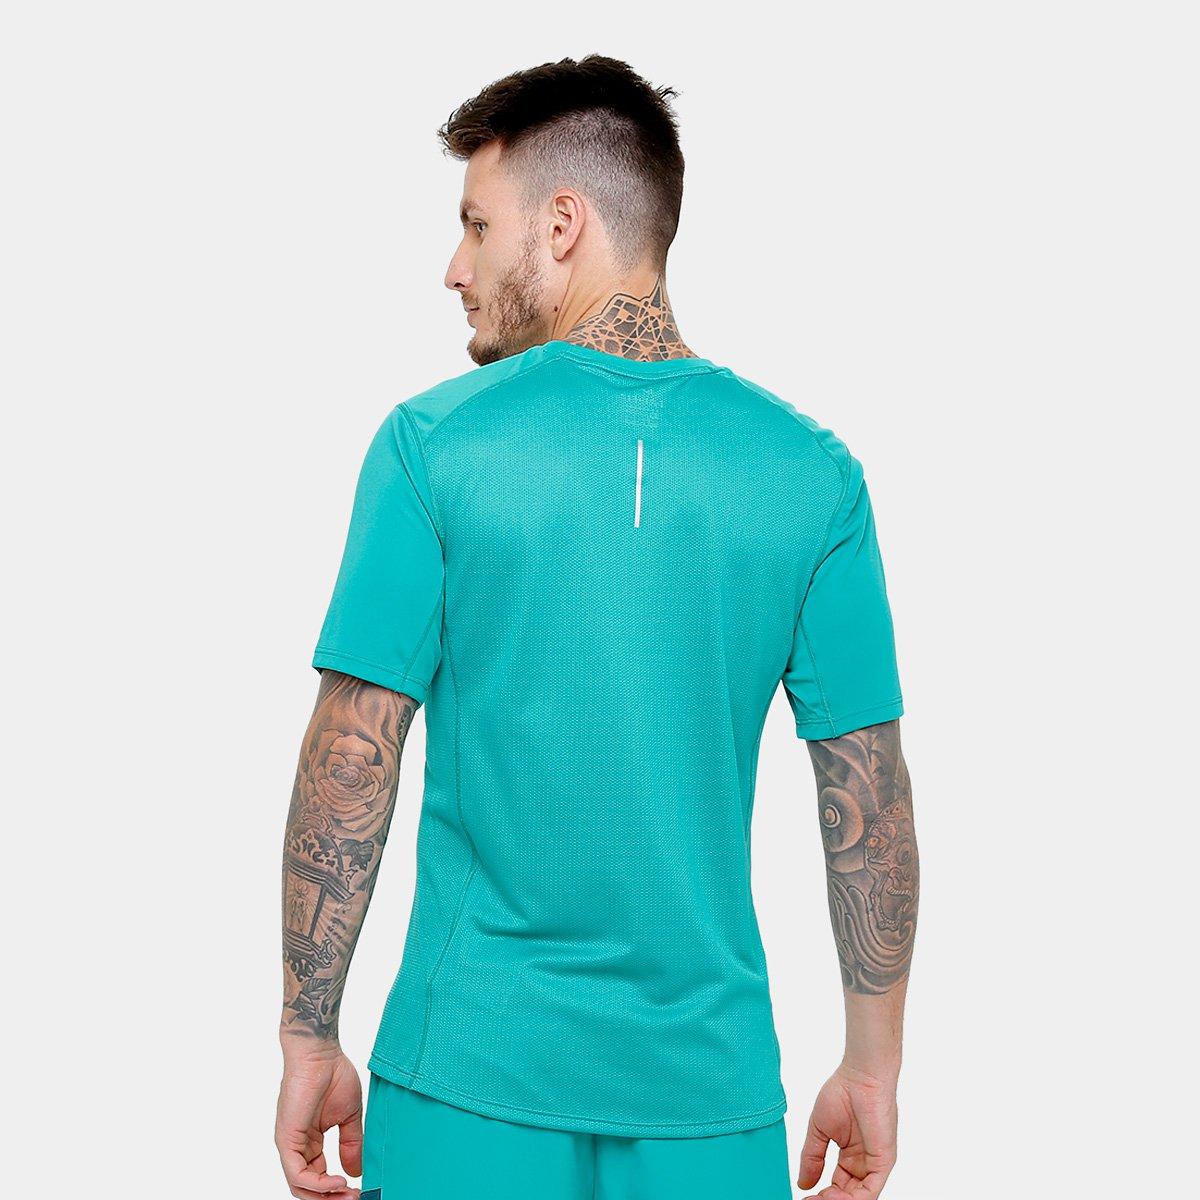 Camiseta Nike Dri-Fit Miler SS Masculina - Verde - Compre Agora ... a25b8f2ce7d5a